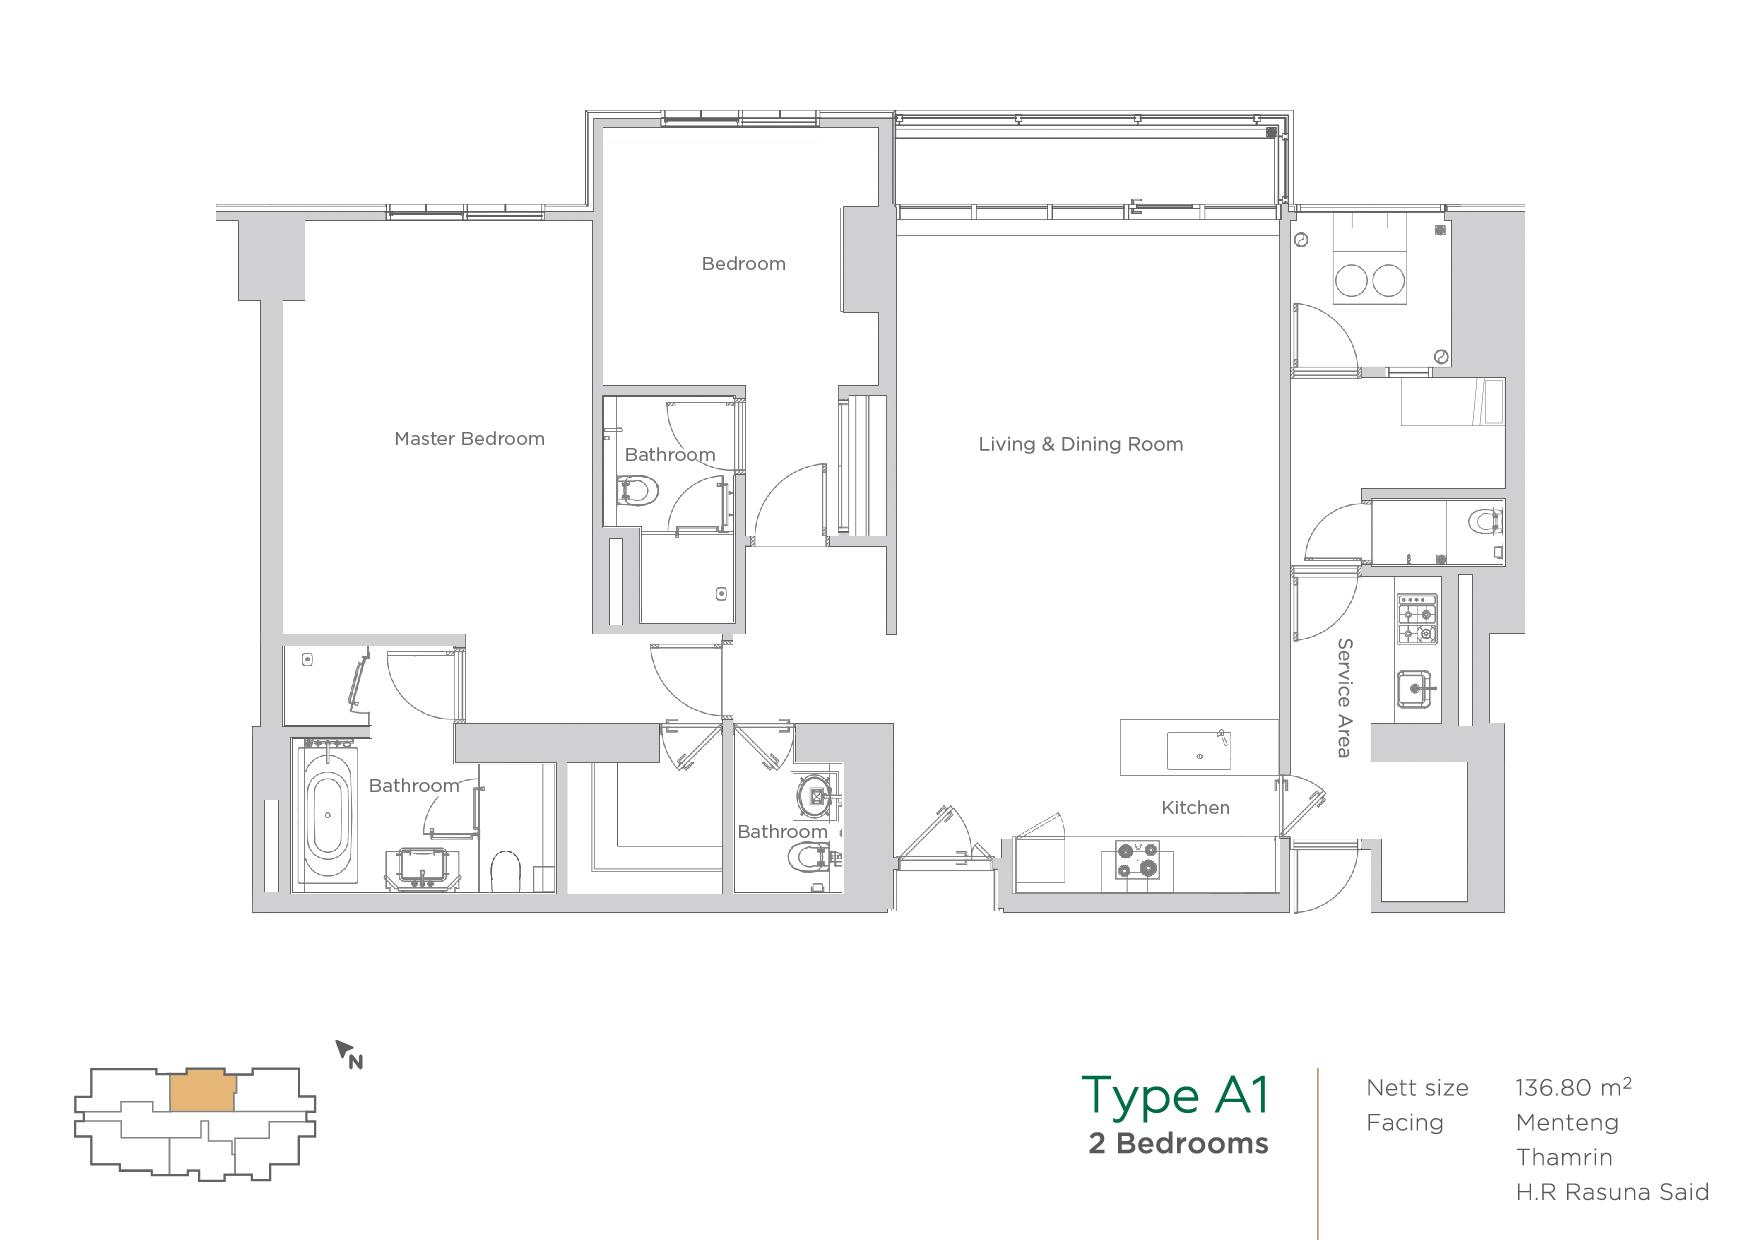 Terraverde unit layout type A1